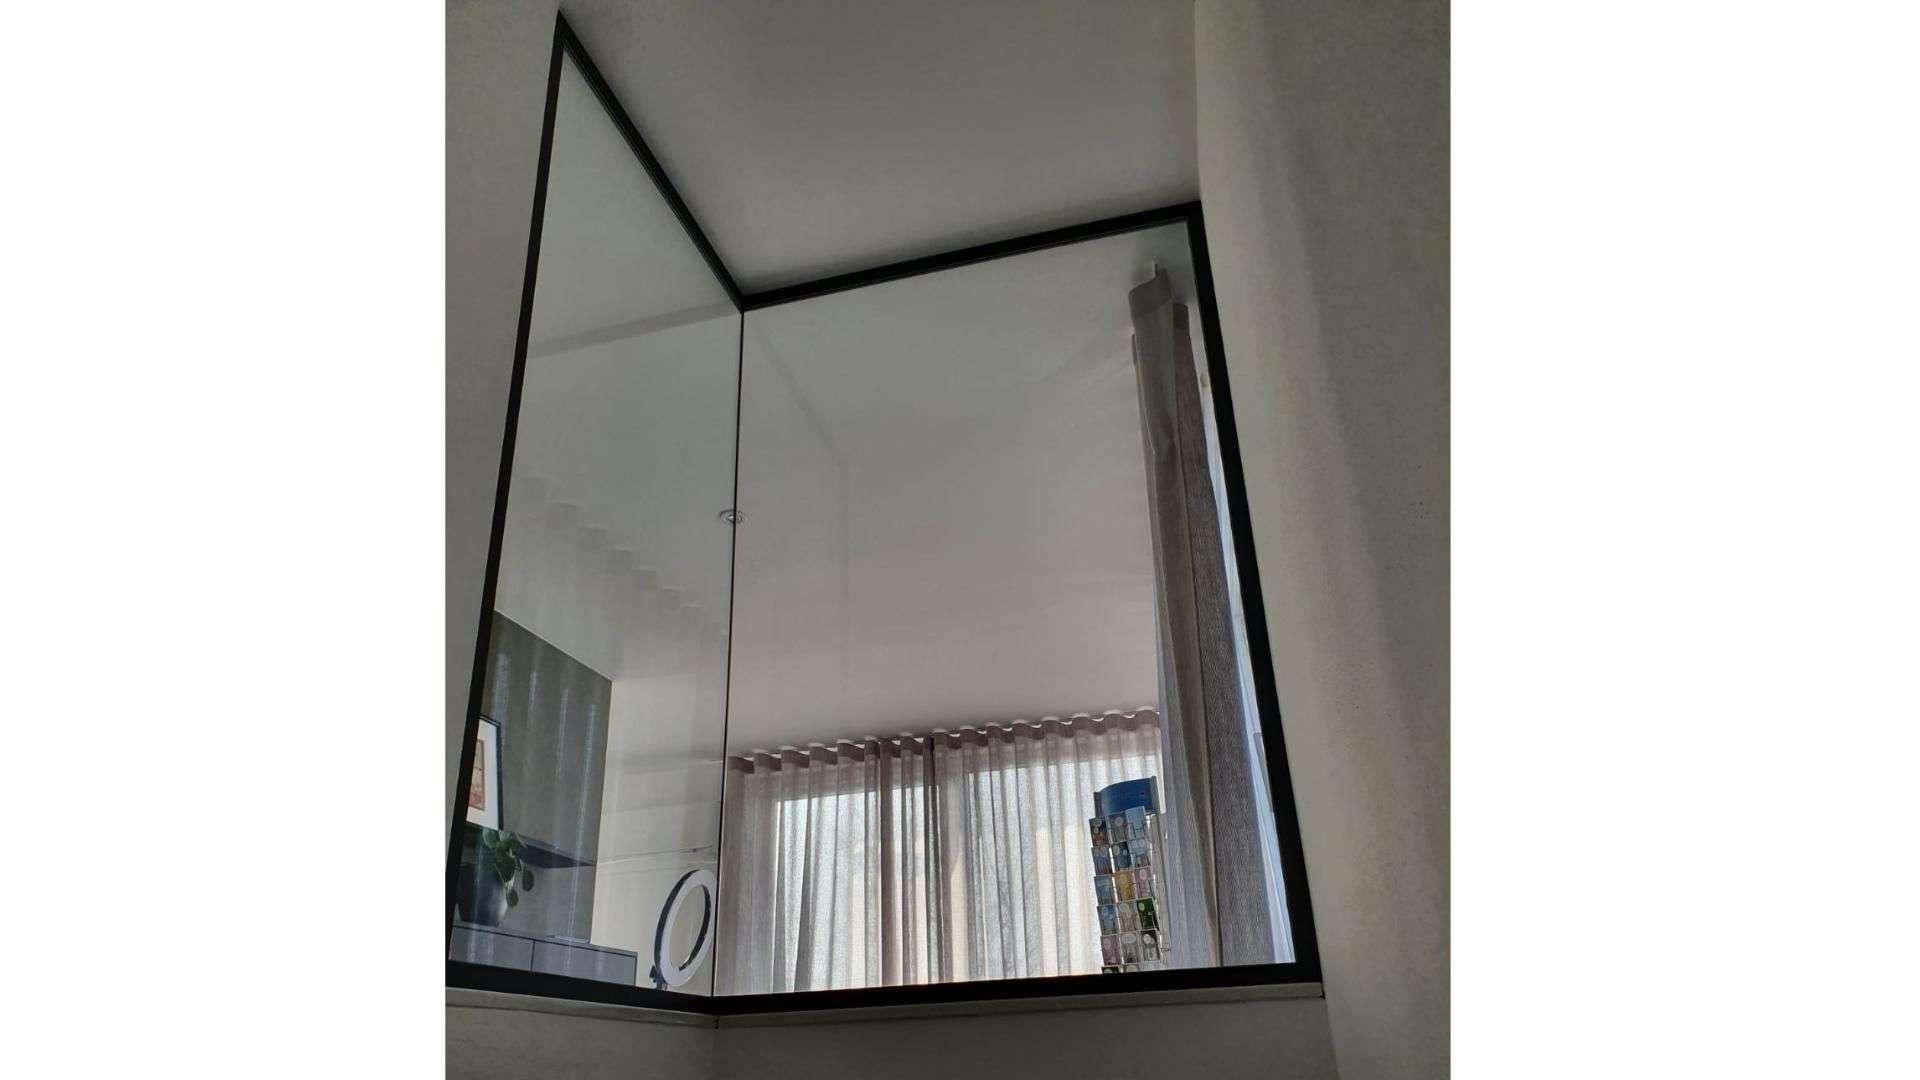 Glas-Ecke in einem Badezimmer